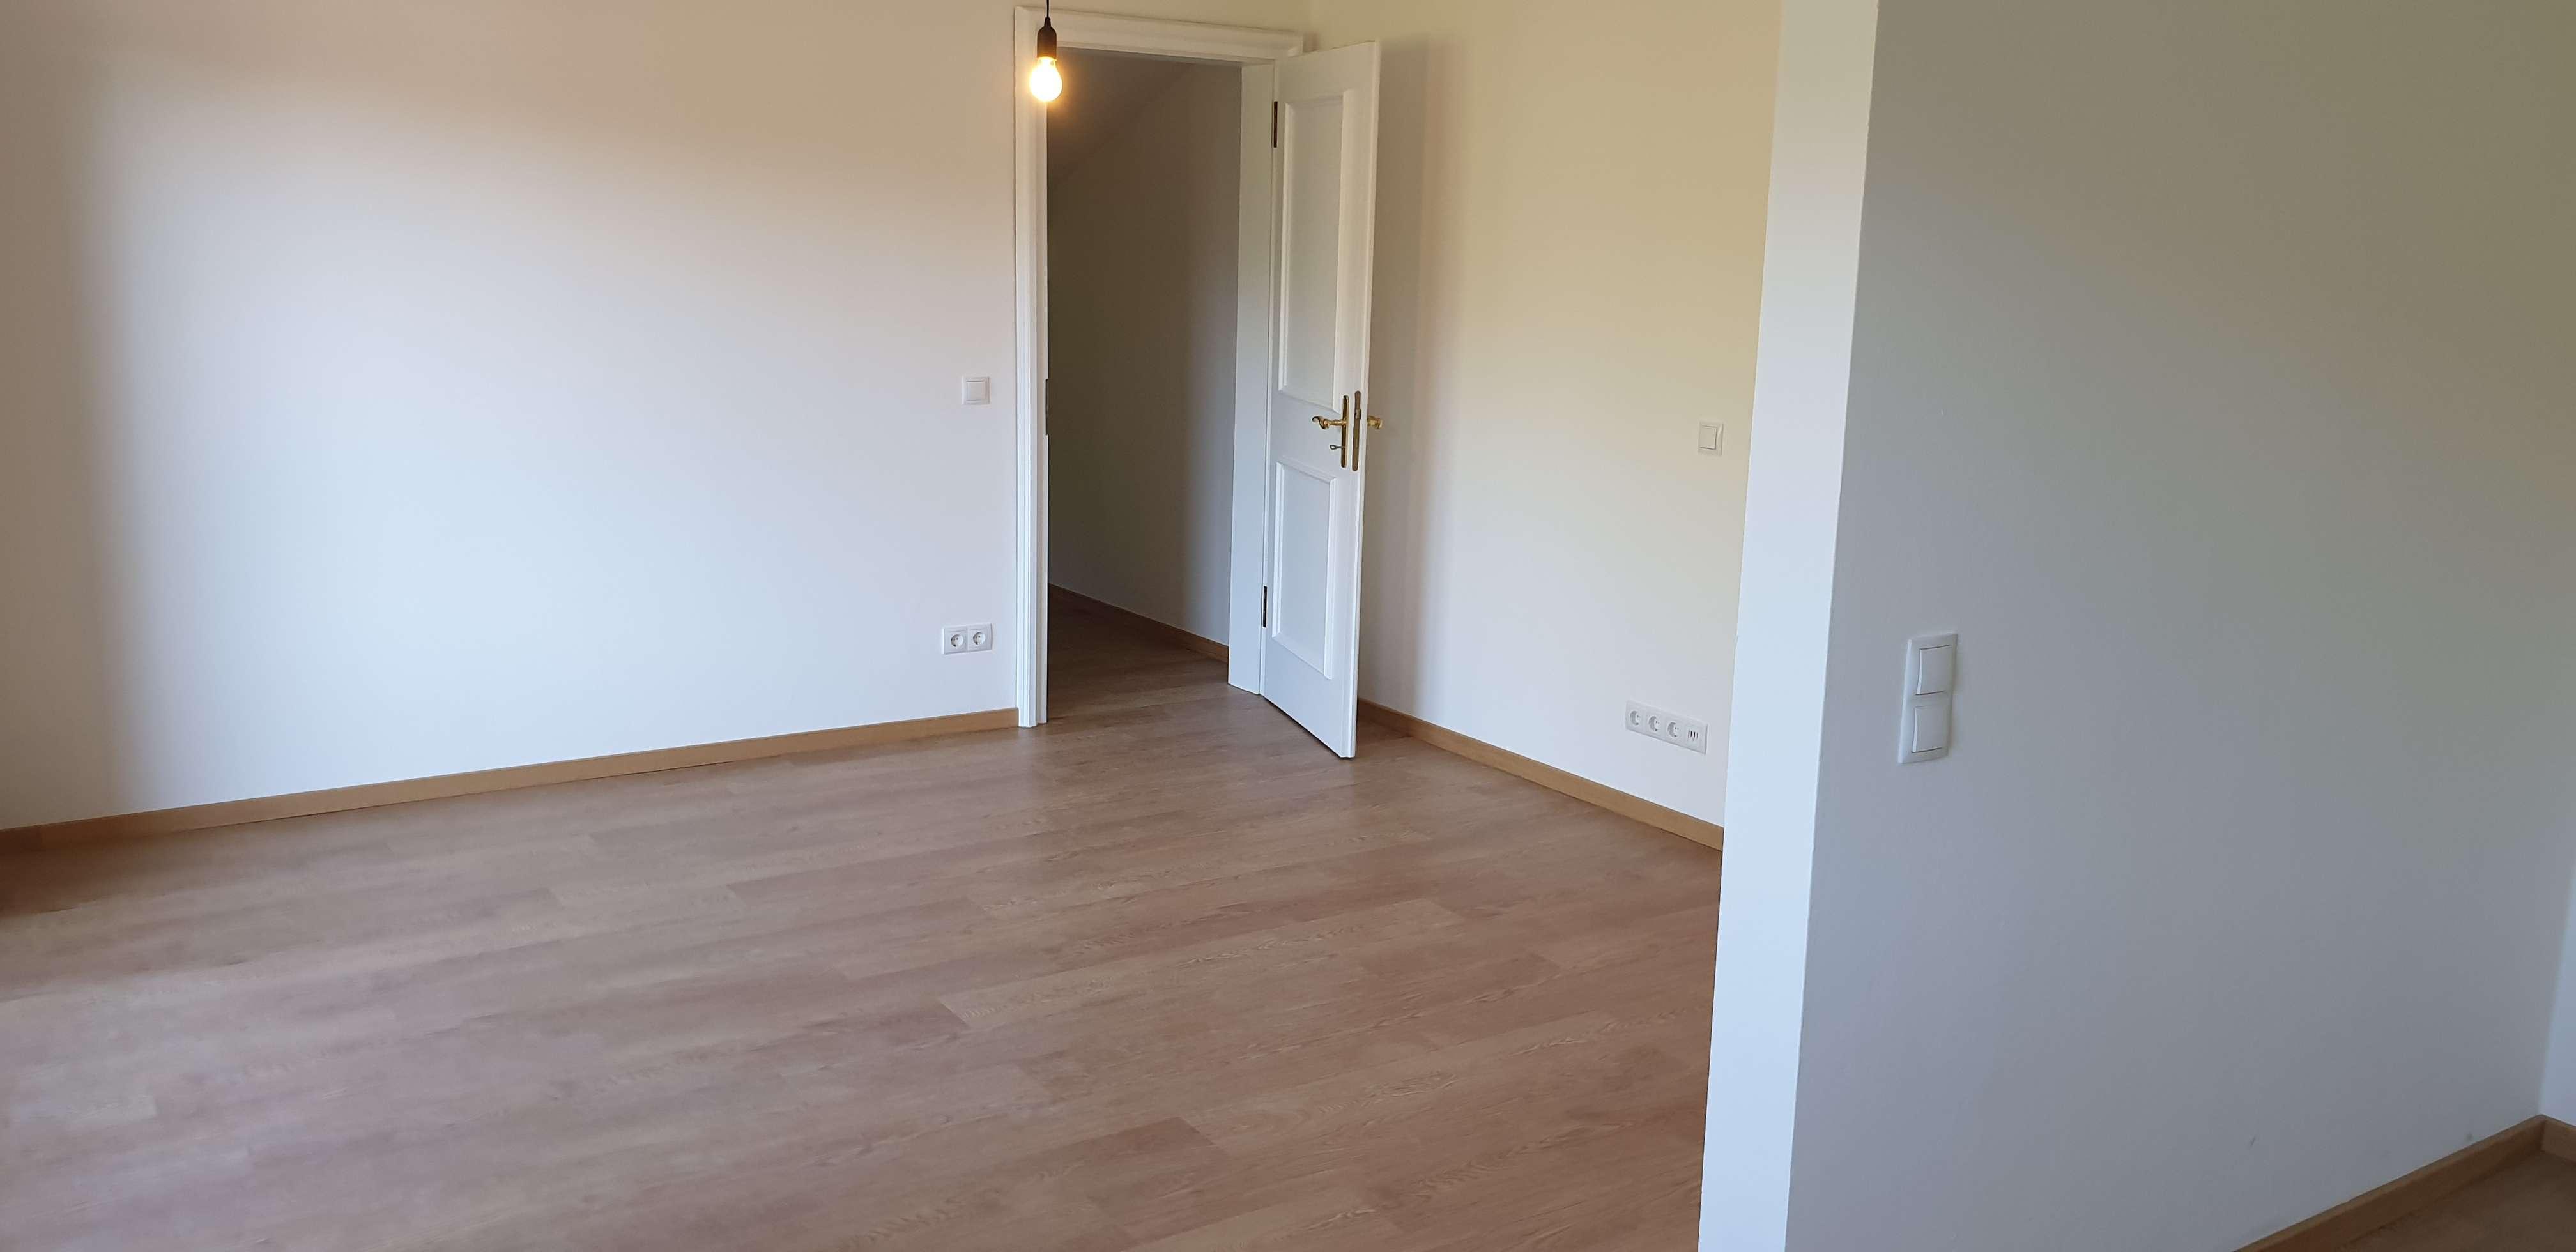 Erstbezug nach Sanierung mit großem Balkon: zentrale 2-Zimmer-Dachgeschosswohnung in Rottach-Egern